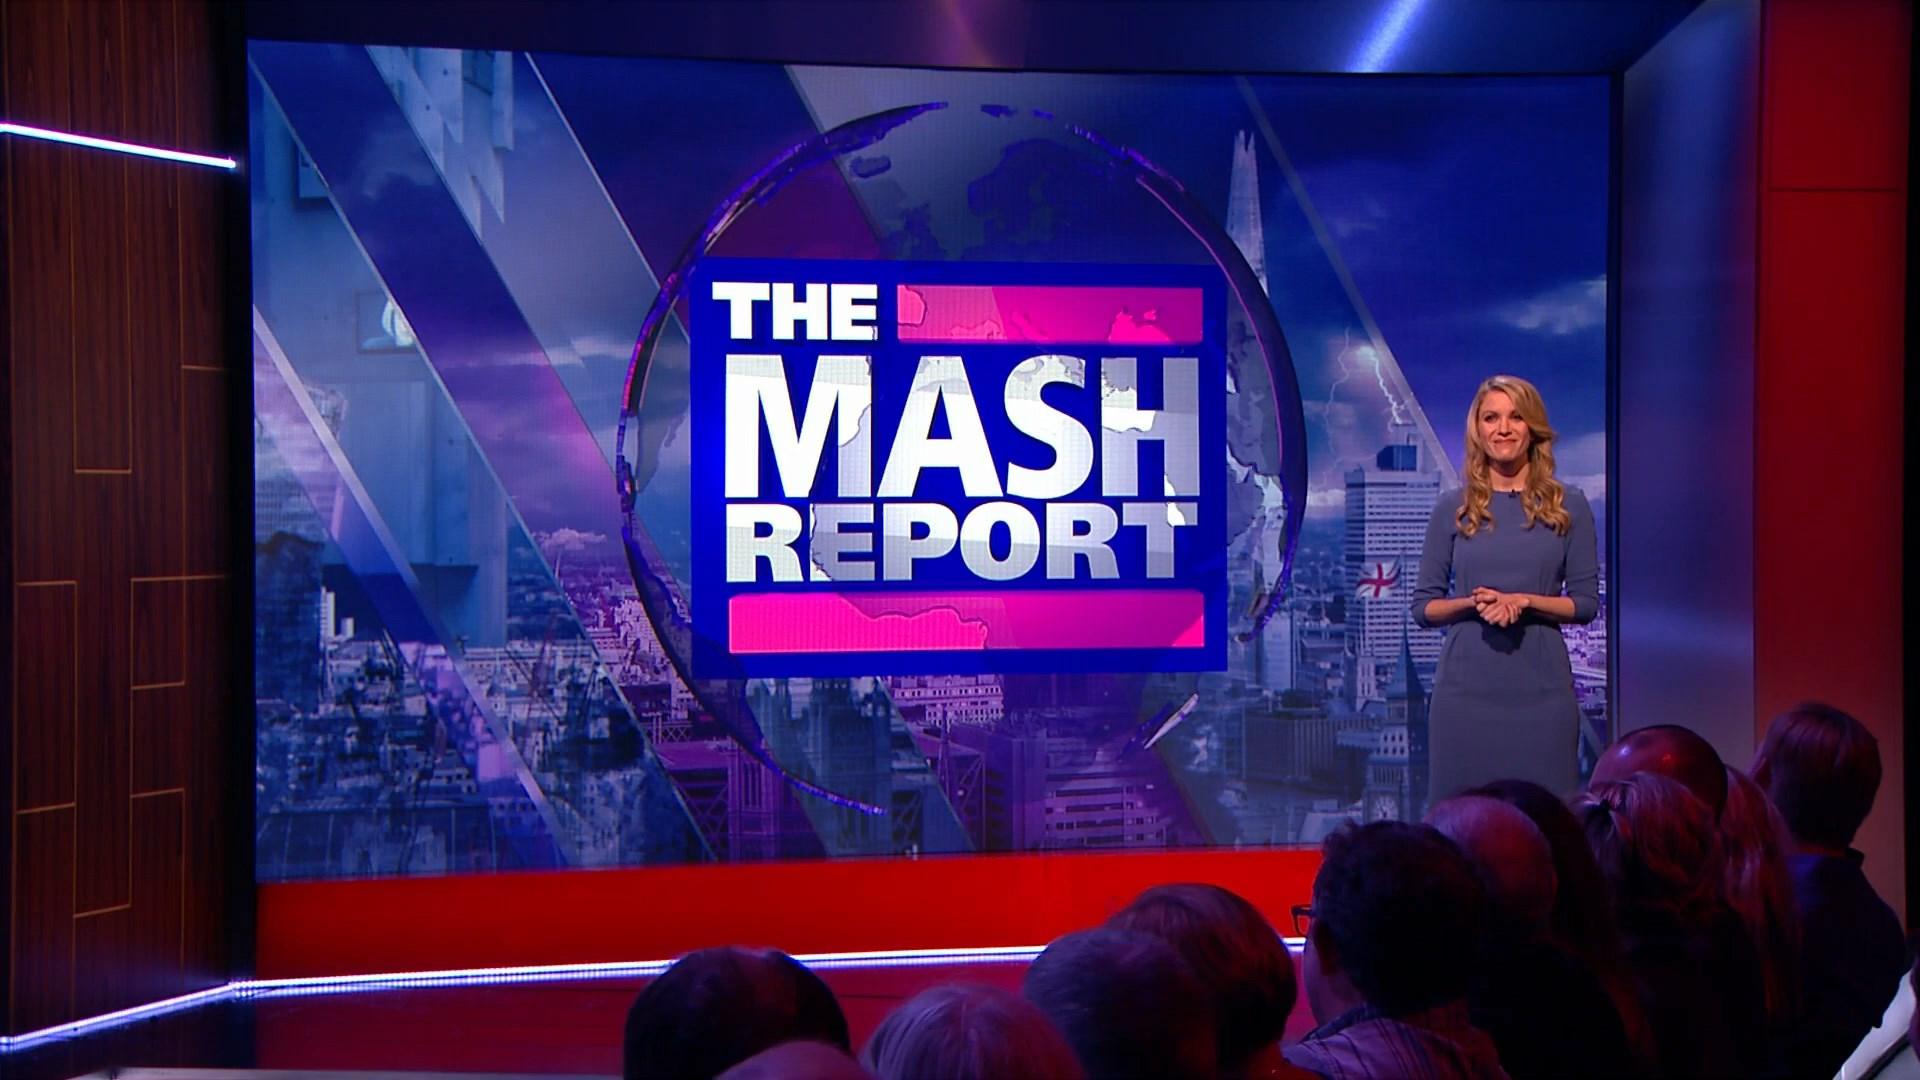 90393089_the-mash-report_20181207_2200-ts_snapshot_10-00_-2018-12-08_02-01-22.jpg